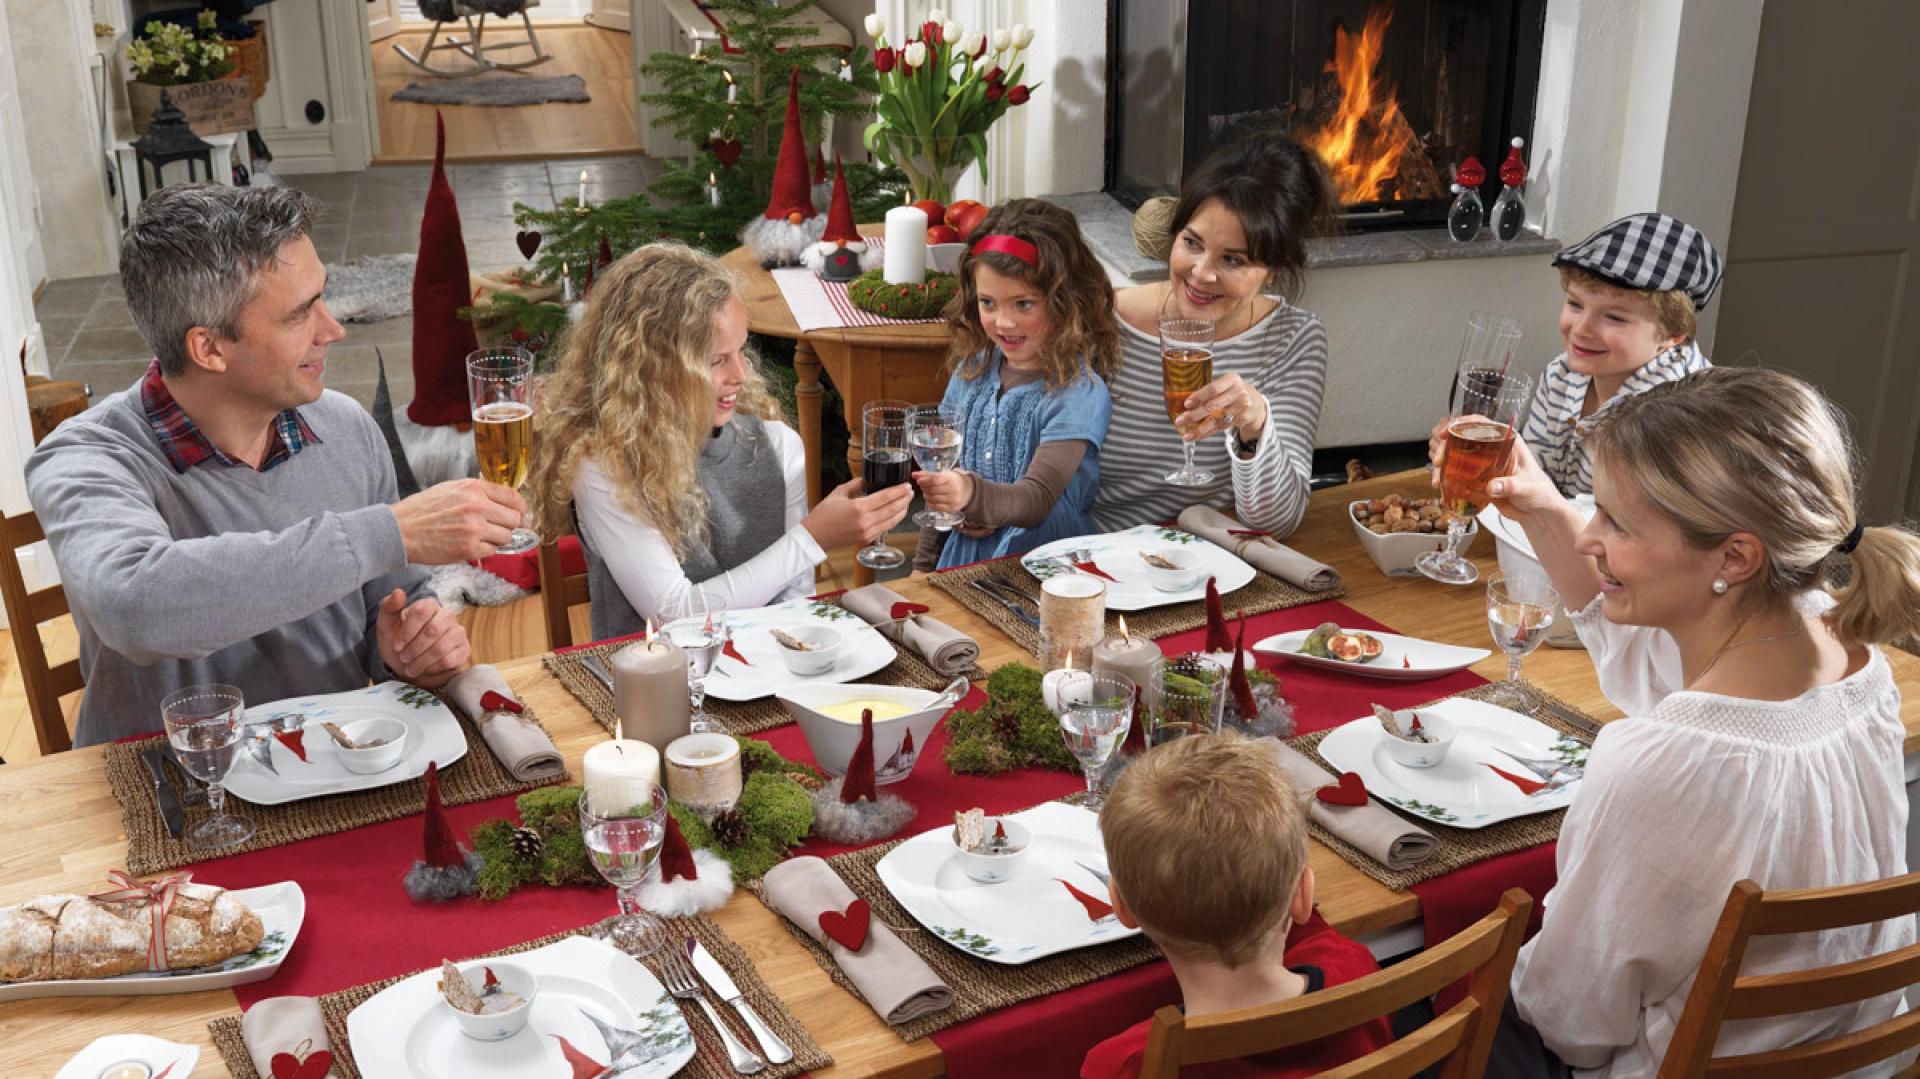 Atmosferę przy świątecznym stole tworzy zarówno rodzinne grono, jak i odpowiednie dekoracje. Czerwone obrusy bieżniki, piękna porcelana z ręcznie malowanym motywem krasnali oraz sympatyczne, brodate krasnale przy każdym talerzu - tak właśnie można stworzyć przytulny, domowy klimat na Święta. Do tego z humorem! Fot. Fyrkloevern.